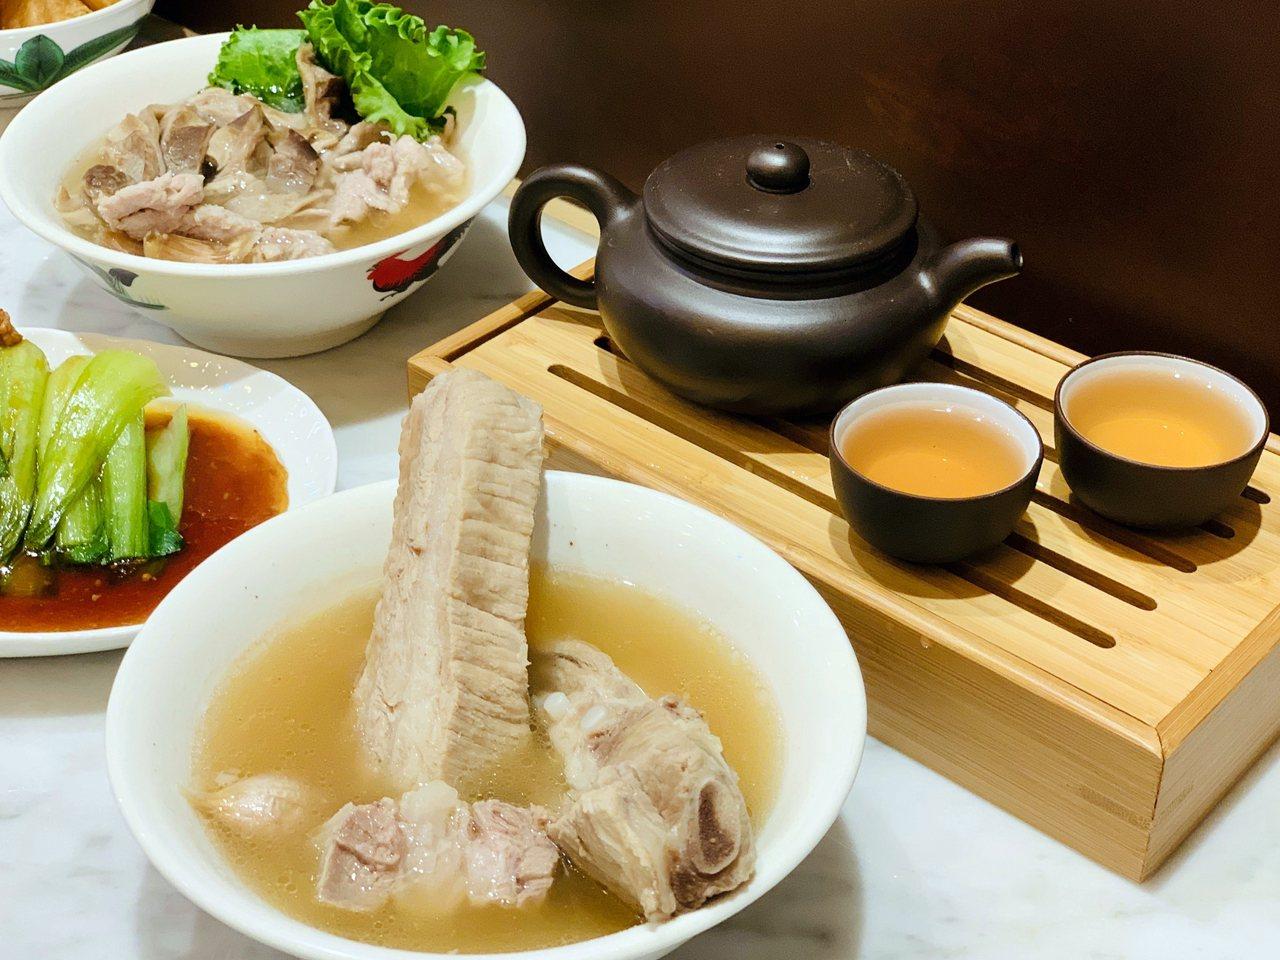 松發肉骨茶提供的「功夫茶」,選用台灣鐵觀音、烏龍茶沖泡,售價150元。記者張芳瑜...